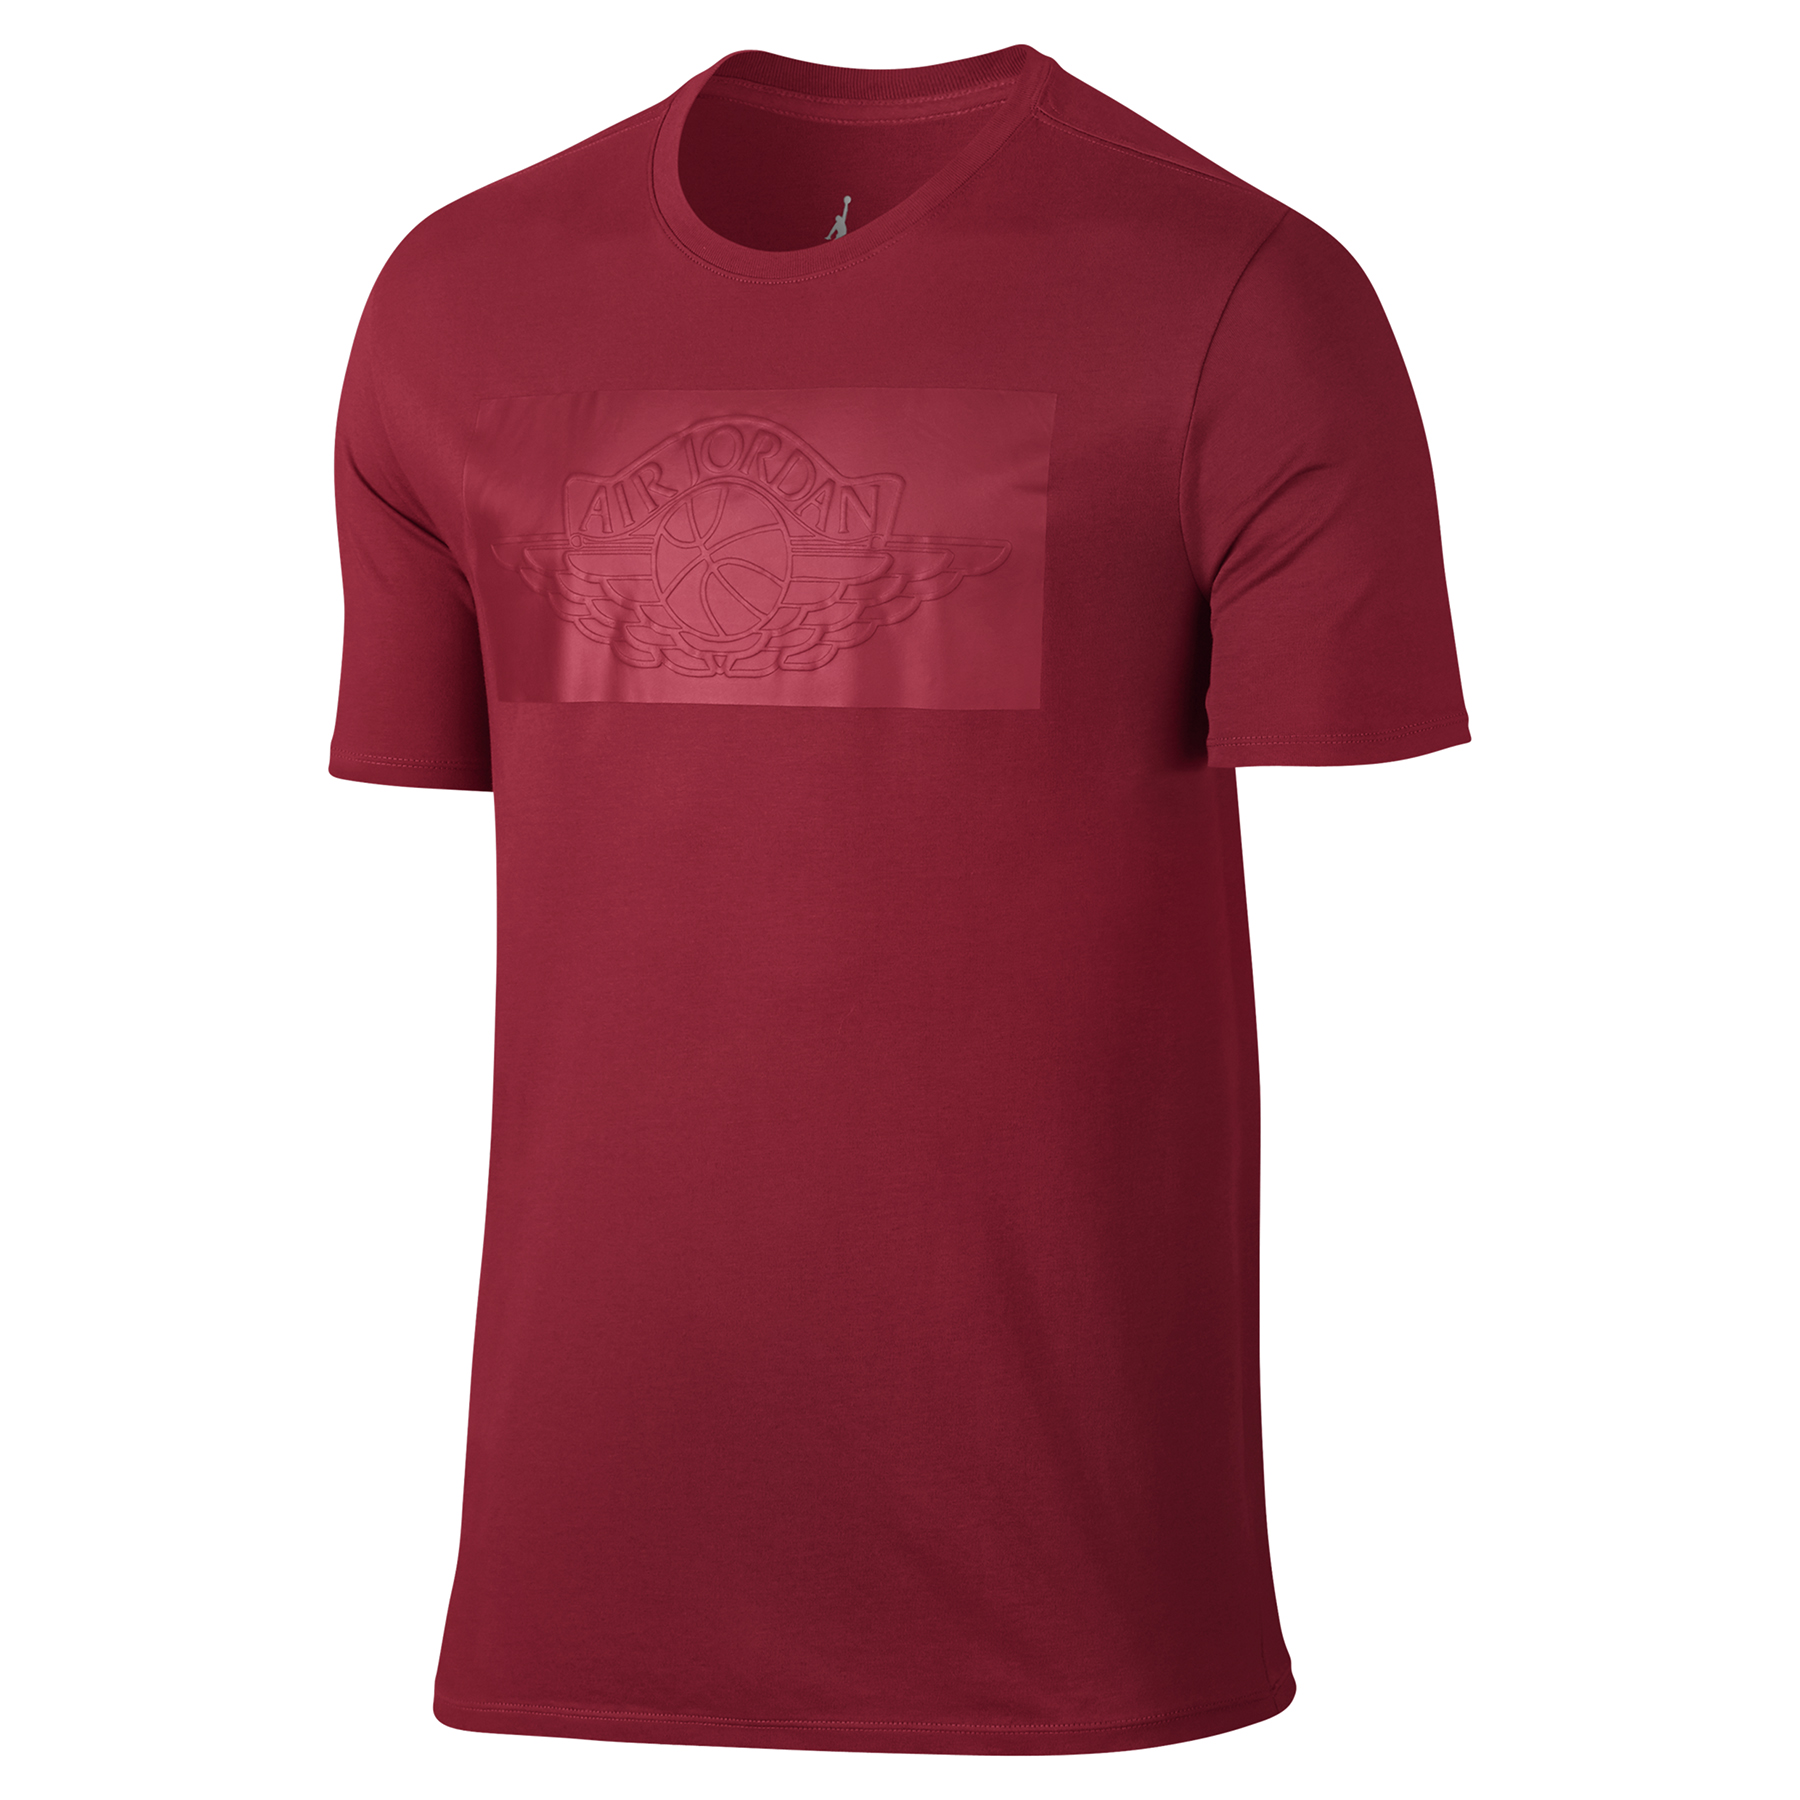 Jordan 31 Modern Wings T-Shirt - Gym Red